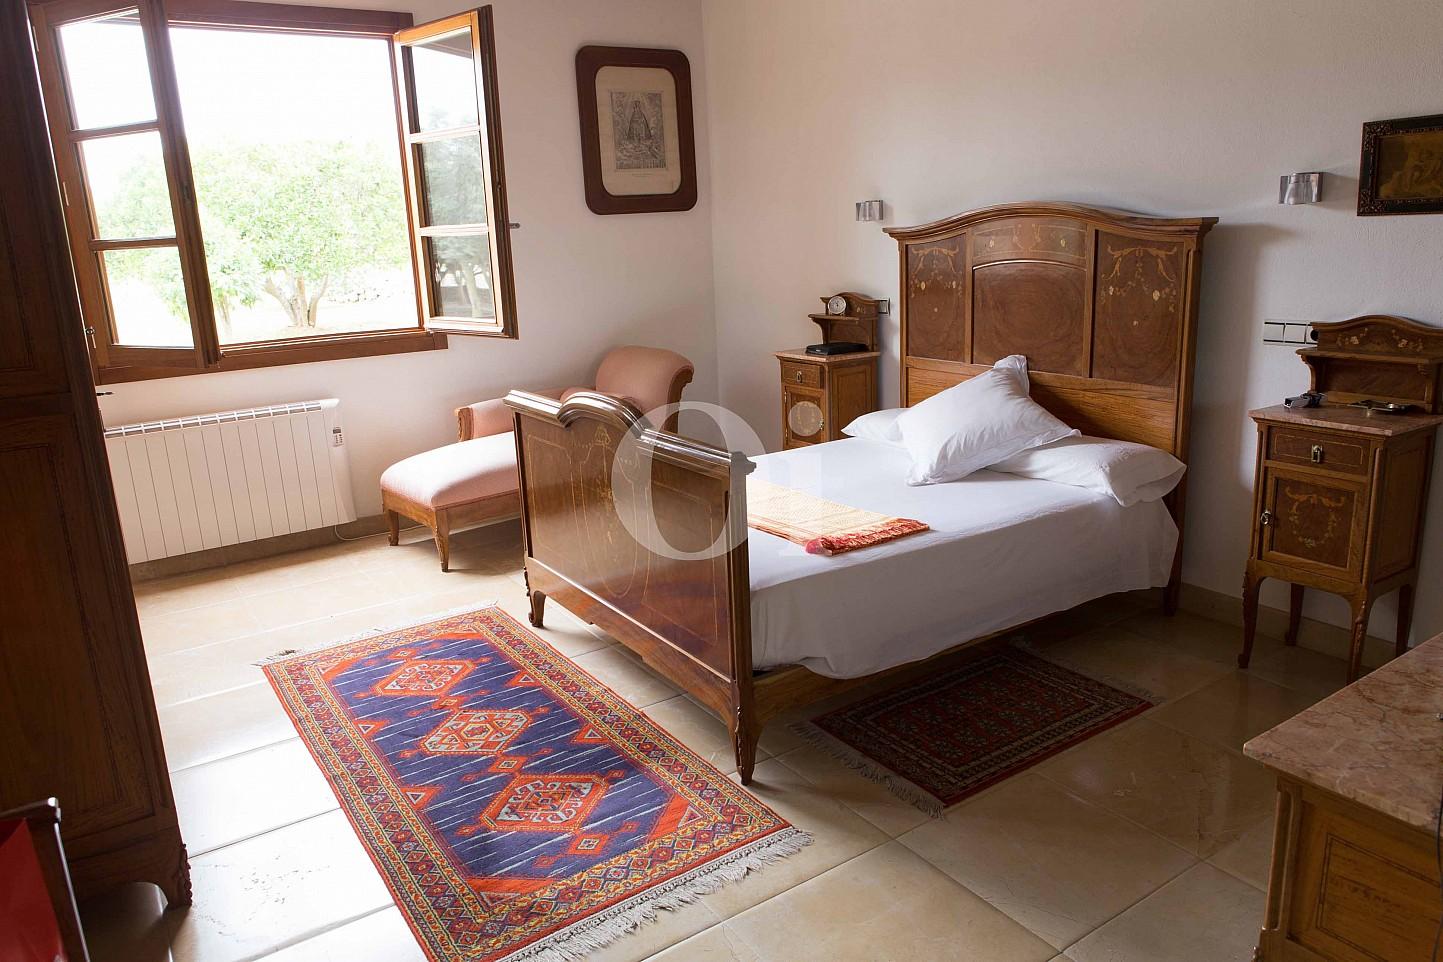 Habitación individual de villa exclusiva en venta en Mallorca próxima a Manacor